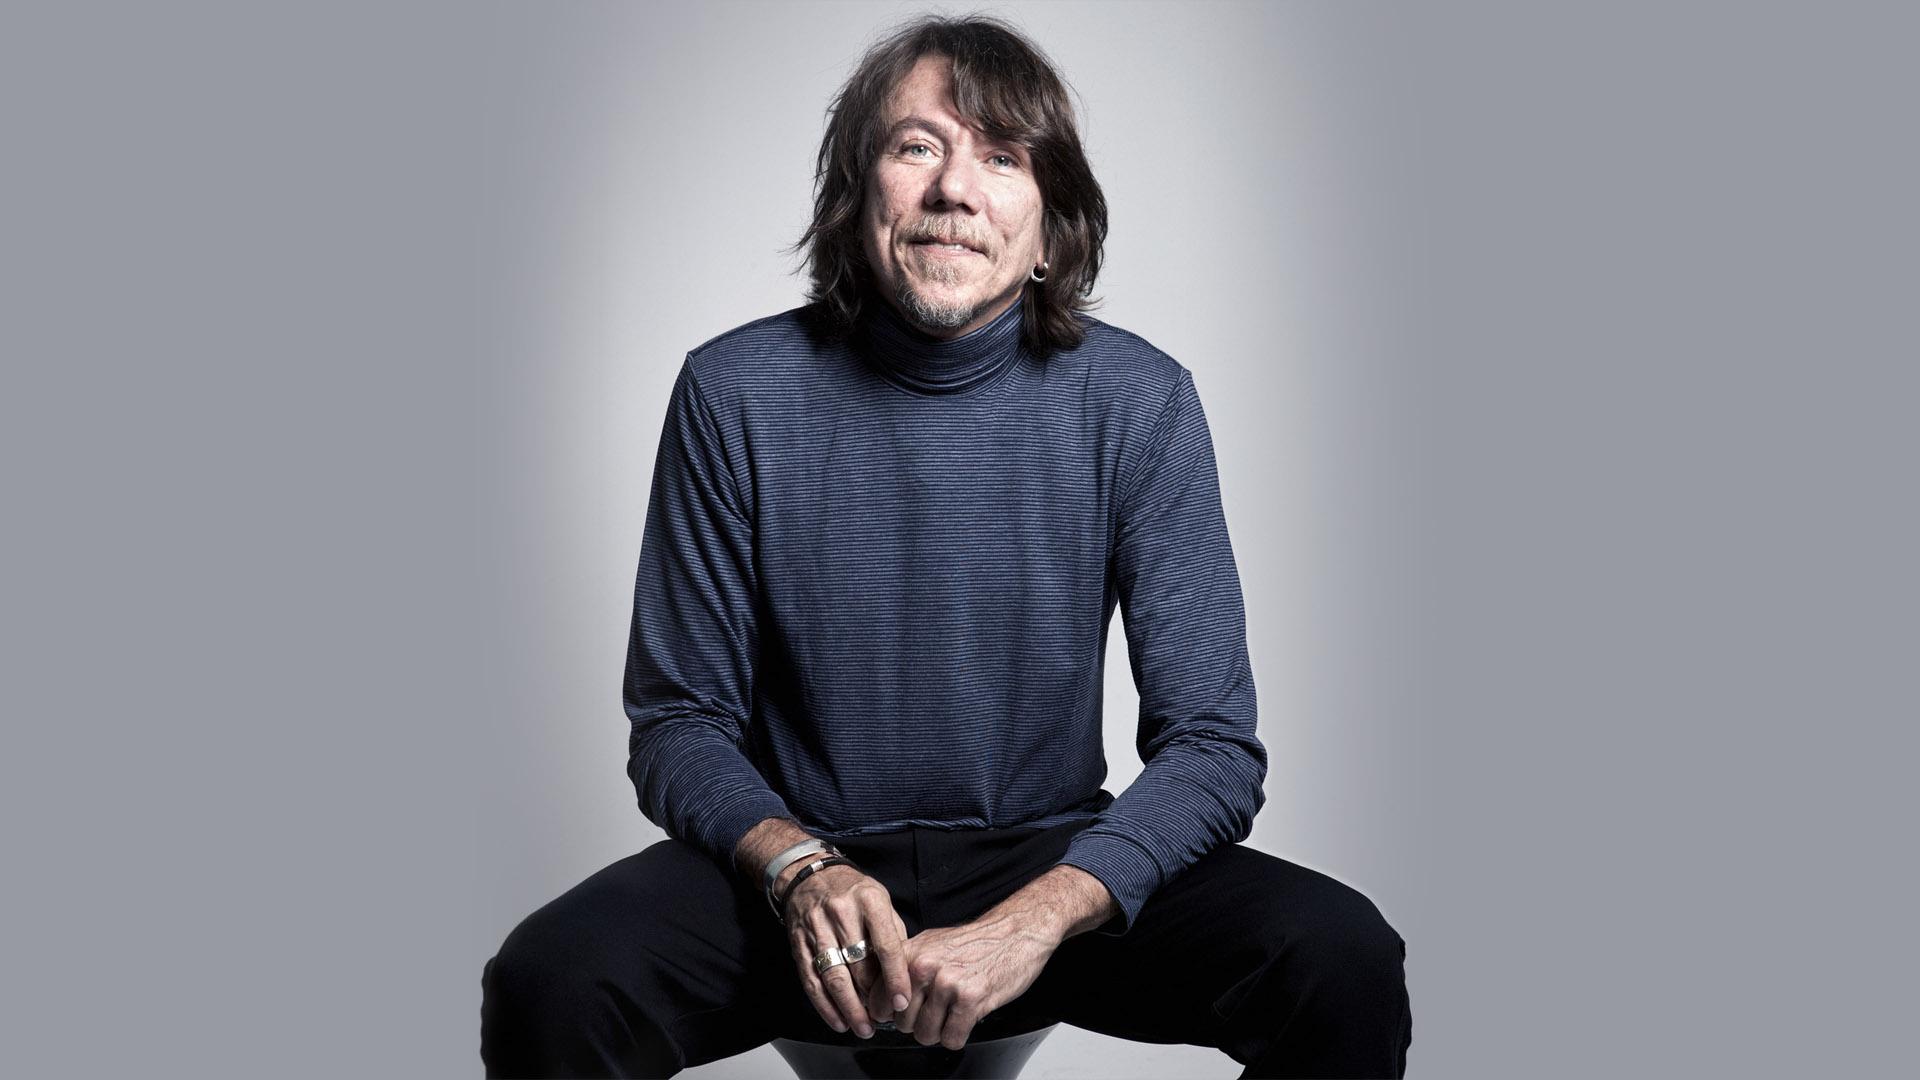 O músico está sentado num banco. Ele olha para a câmera e veste blusa cinza de manga comprida e calça preta